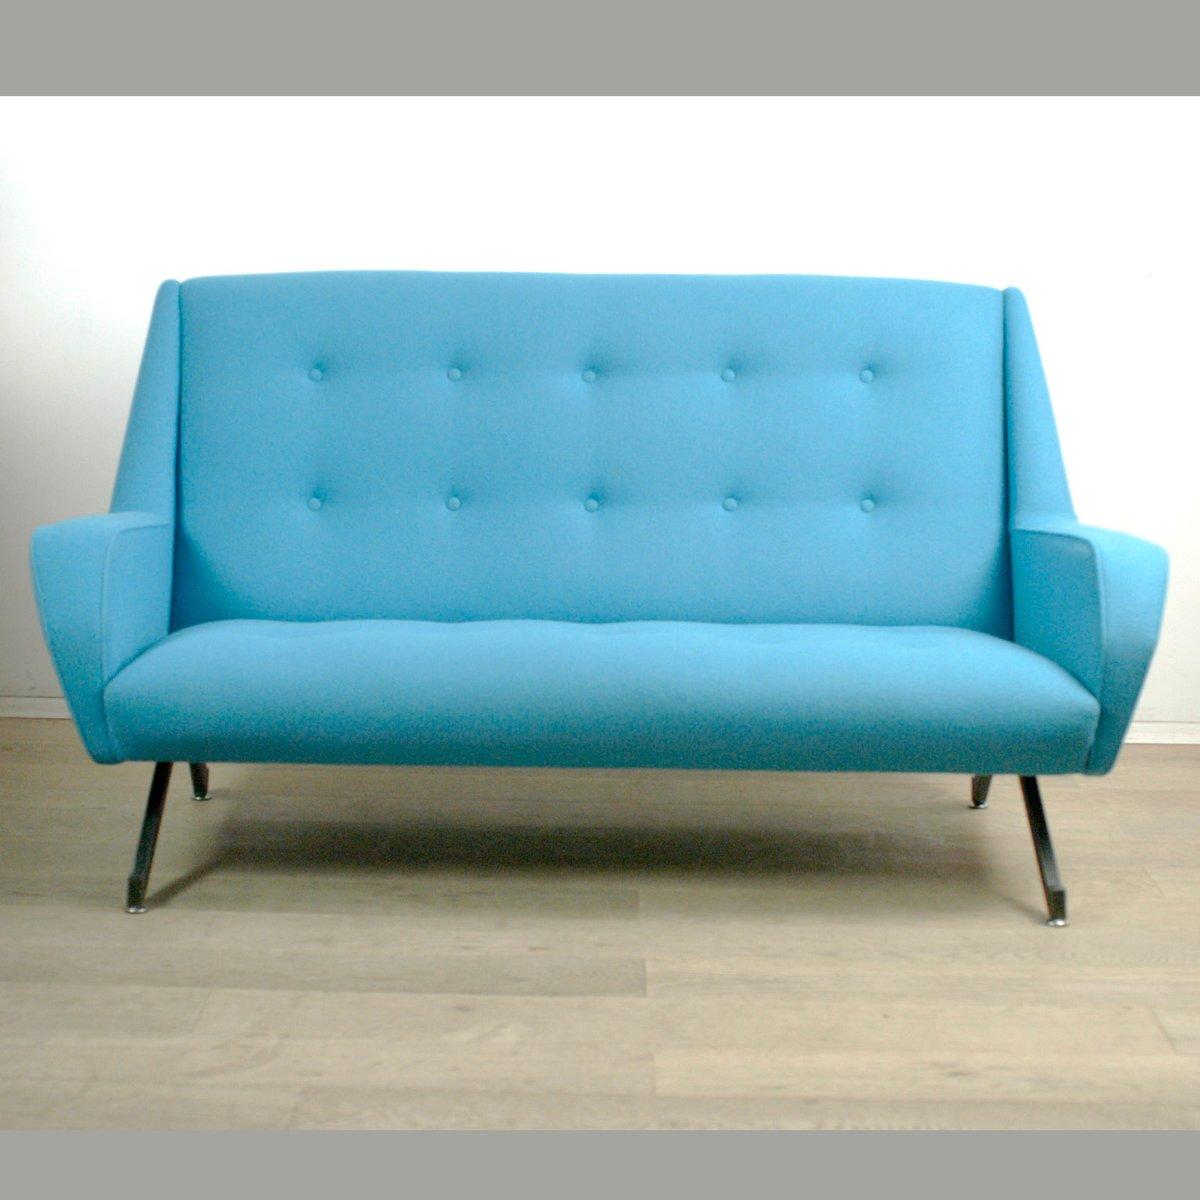 canap deux places turquoise italie 1950s en vente sur. Black Bedroom Furniture Sets. Home Design Ideas